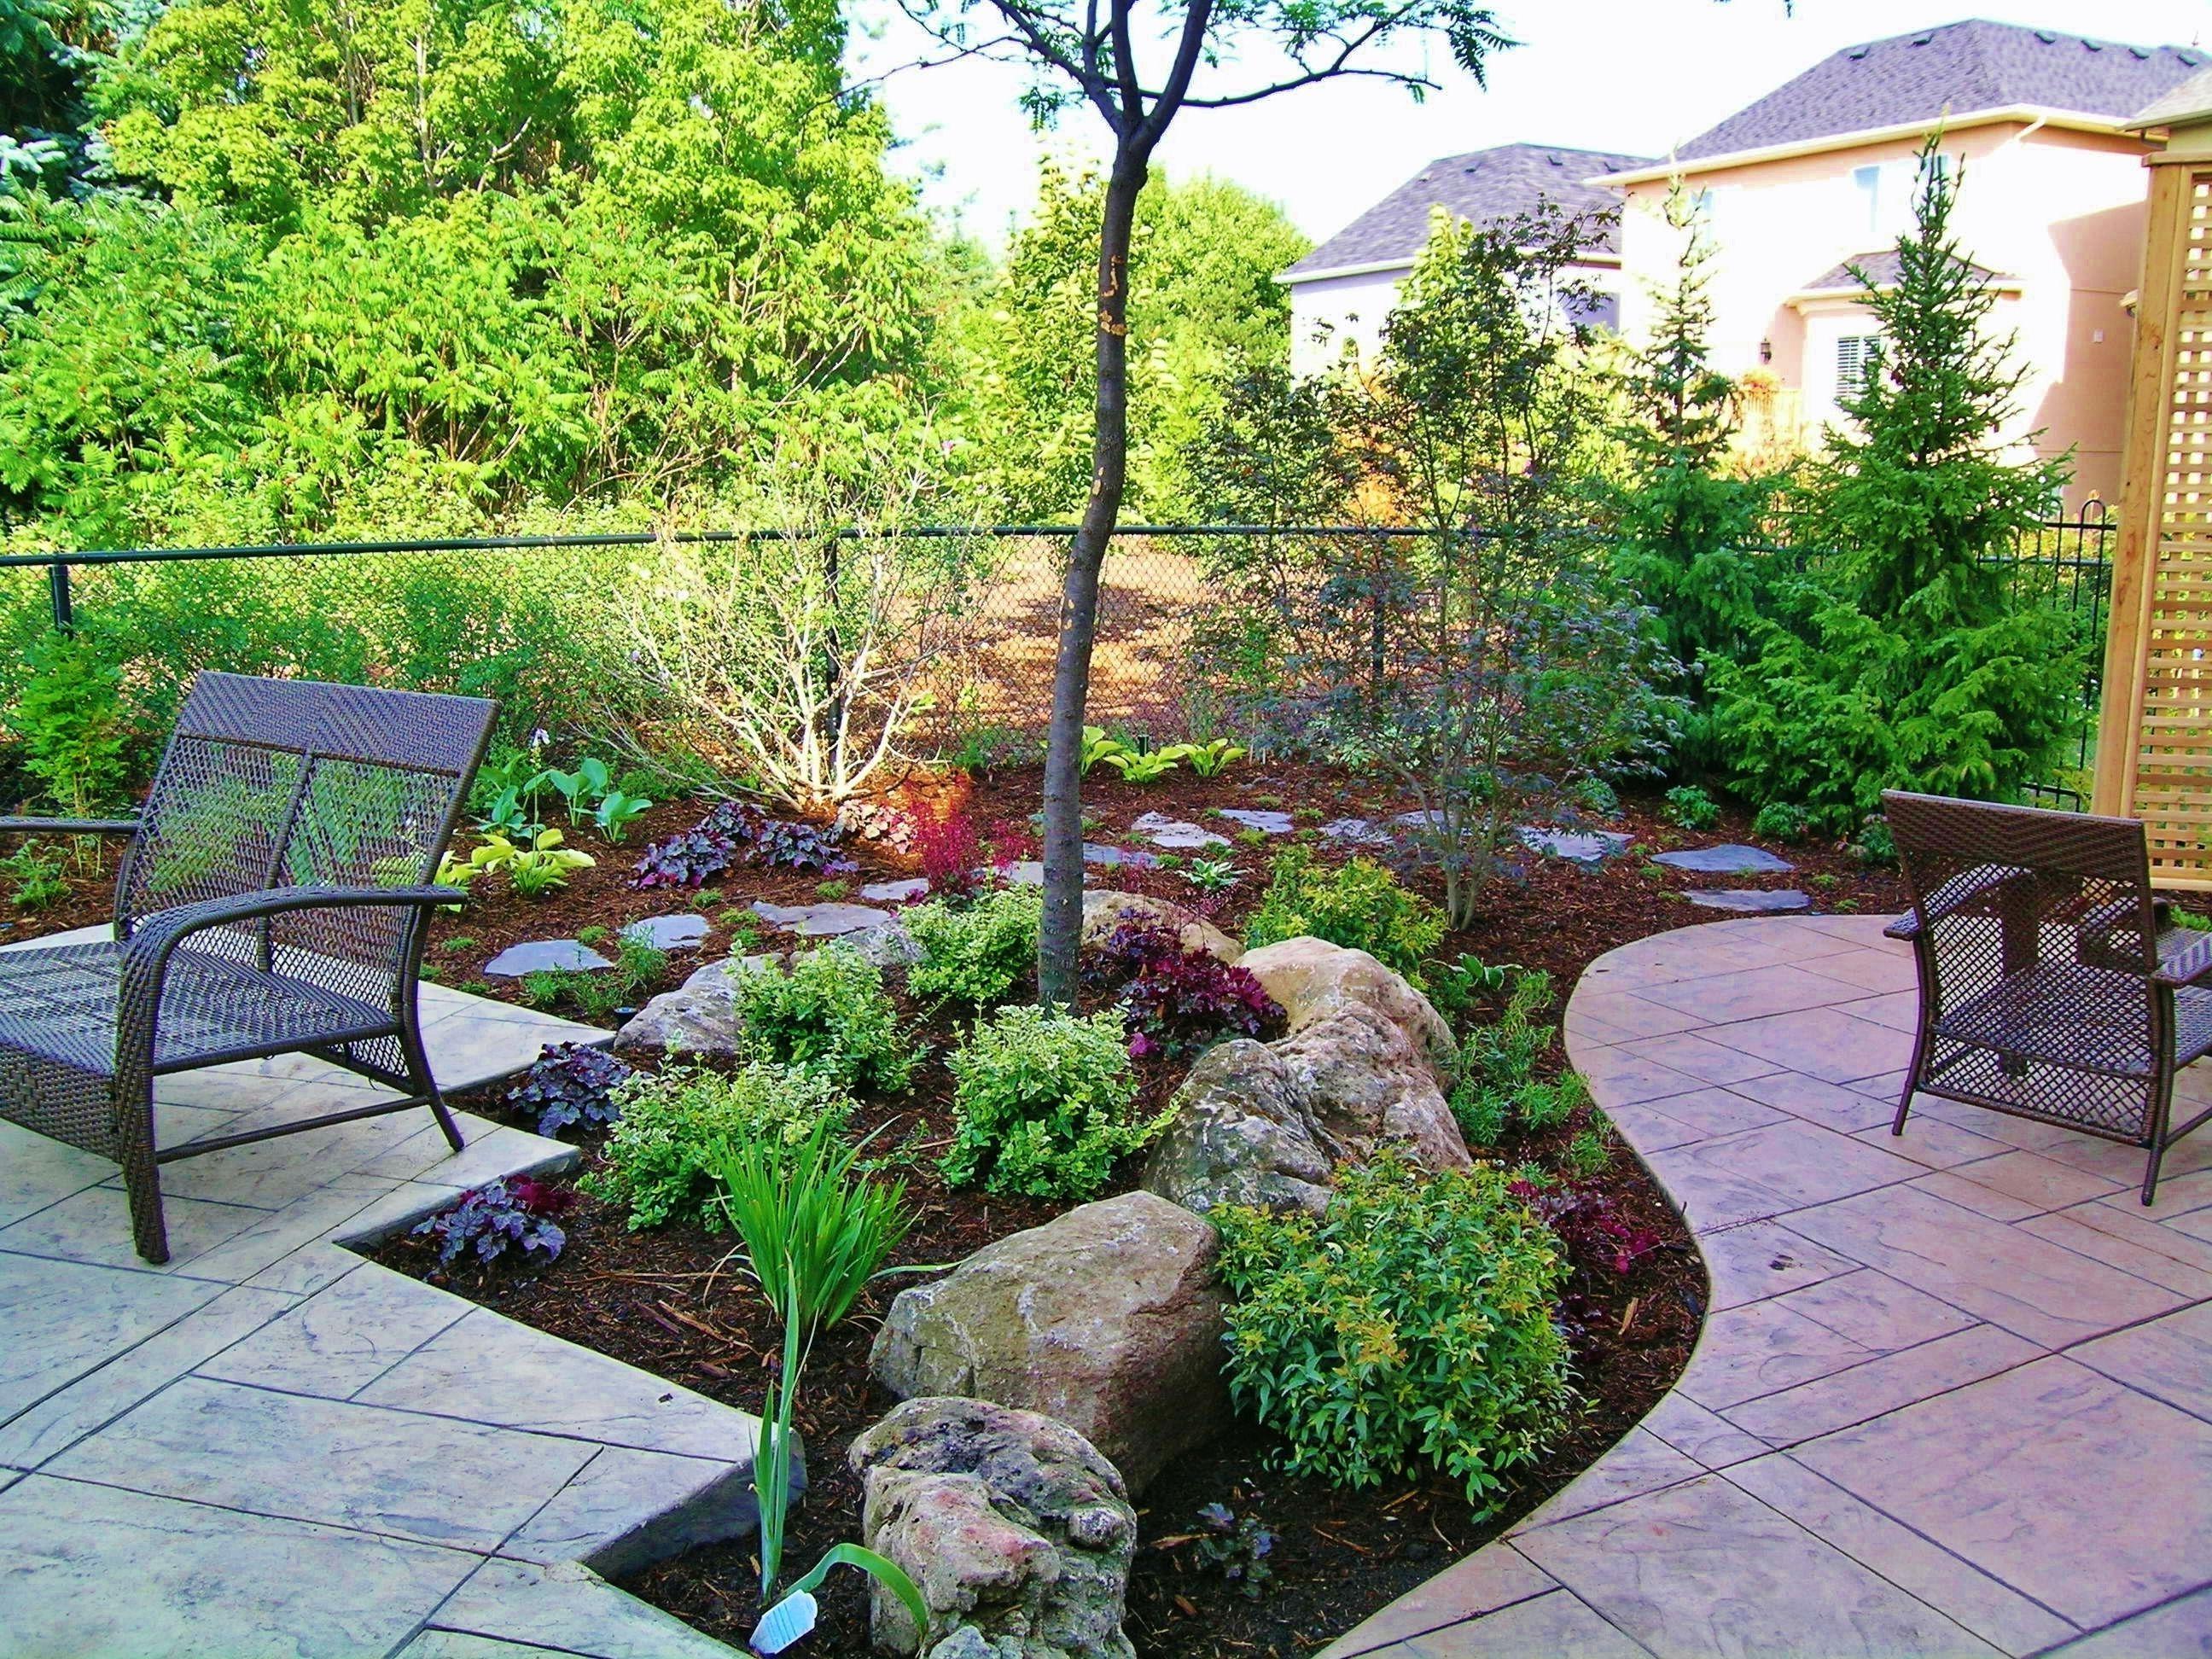 Formidable Backyard Ideas No Grass Backyard Landscaping Plans Small Backyard Gardens Small Garden Design